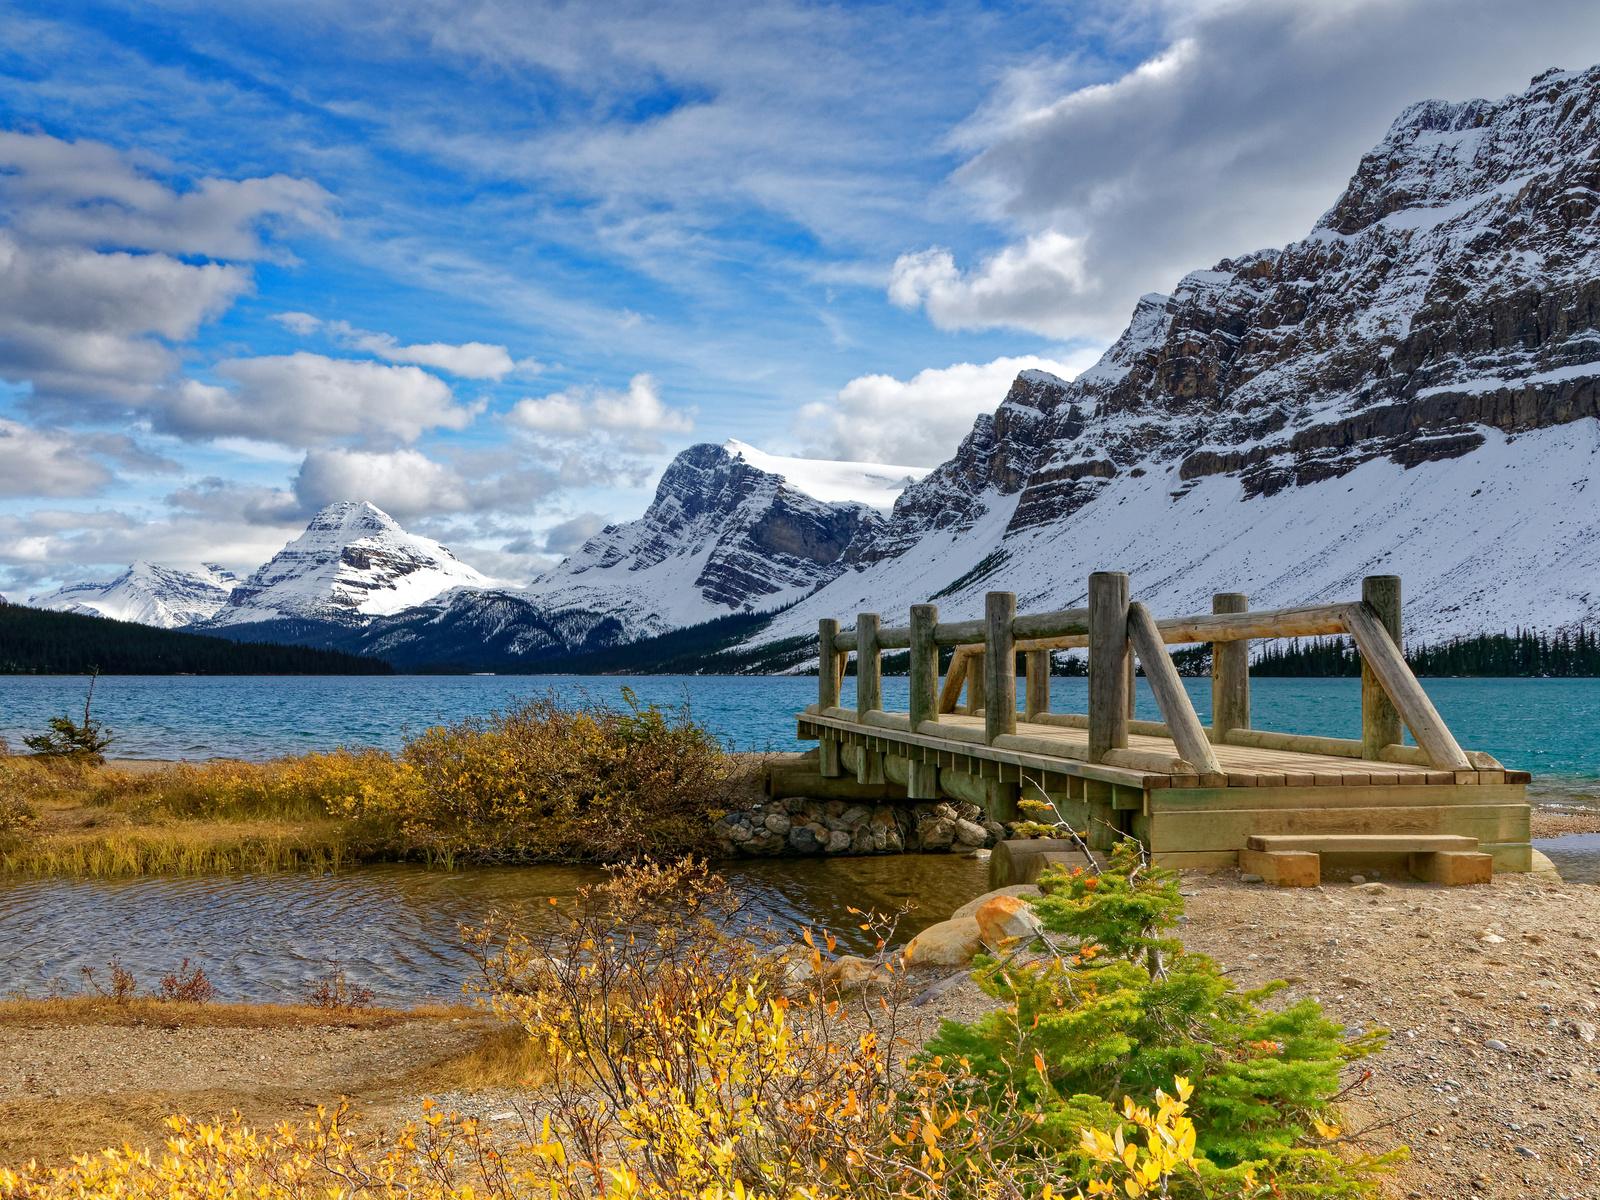 канада, горы, озеро, мост, банф, снег, природа